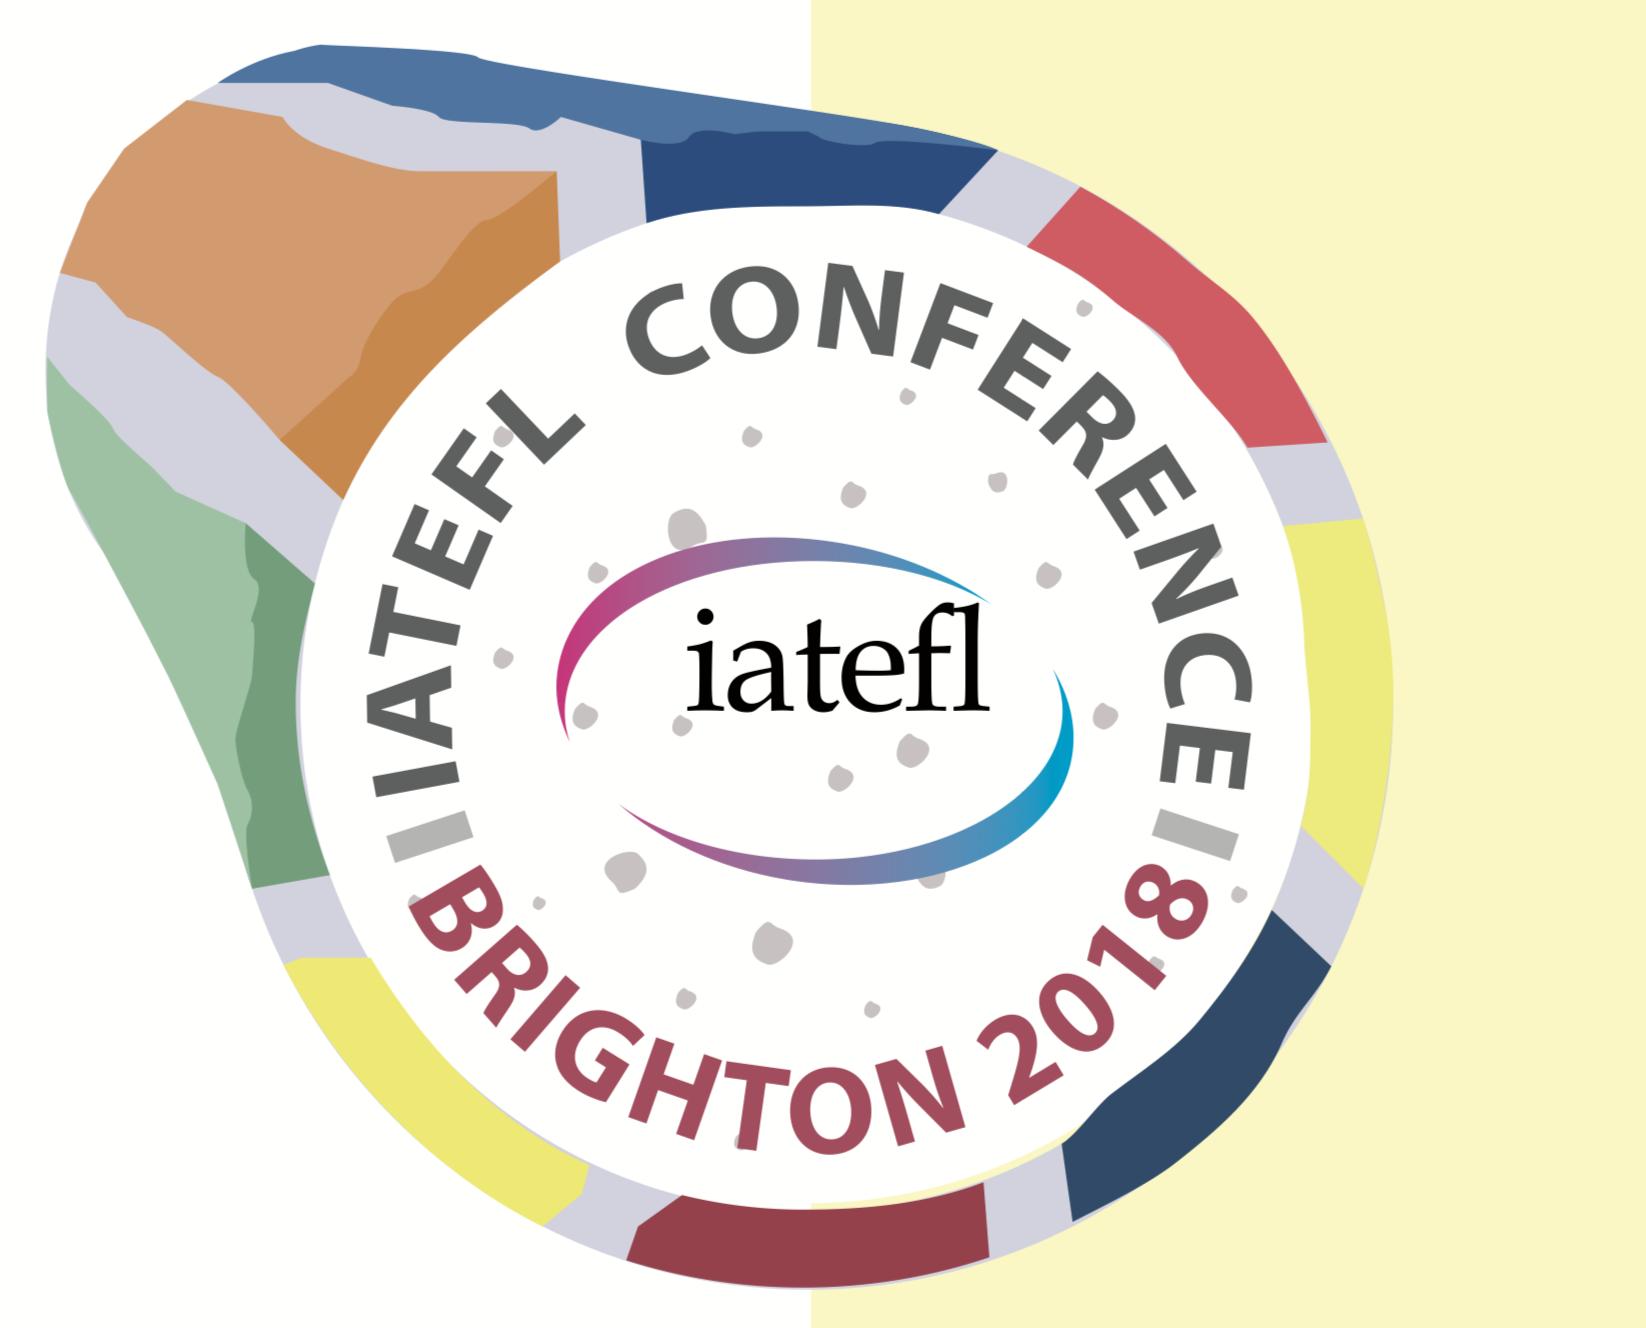 Brighton Conference PCE 2018